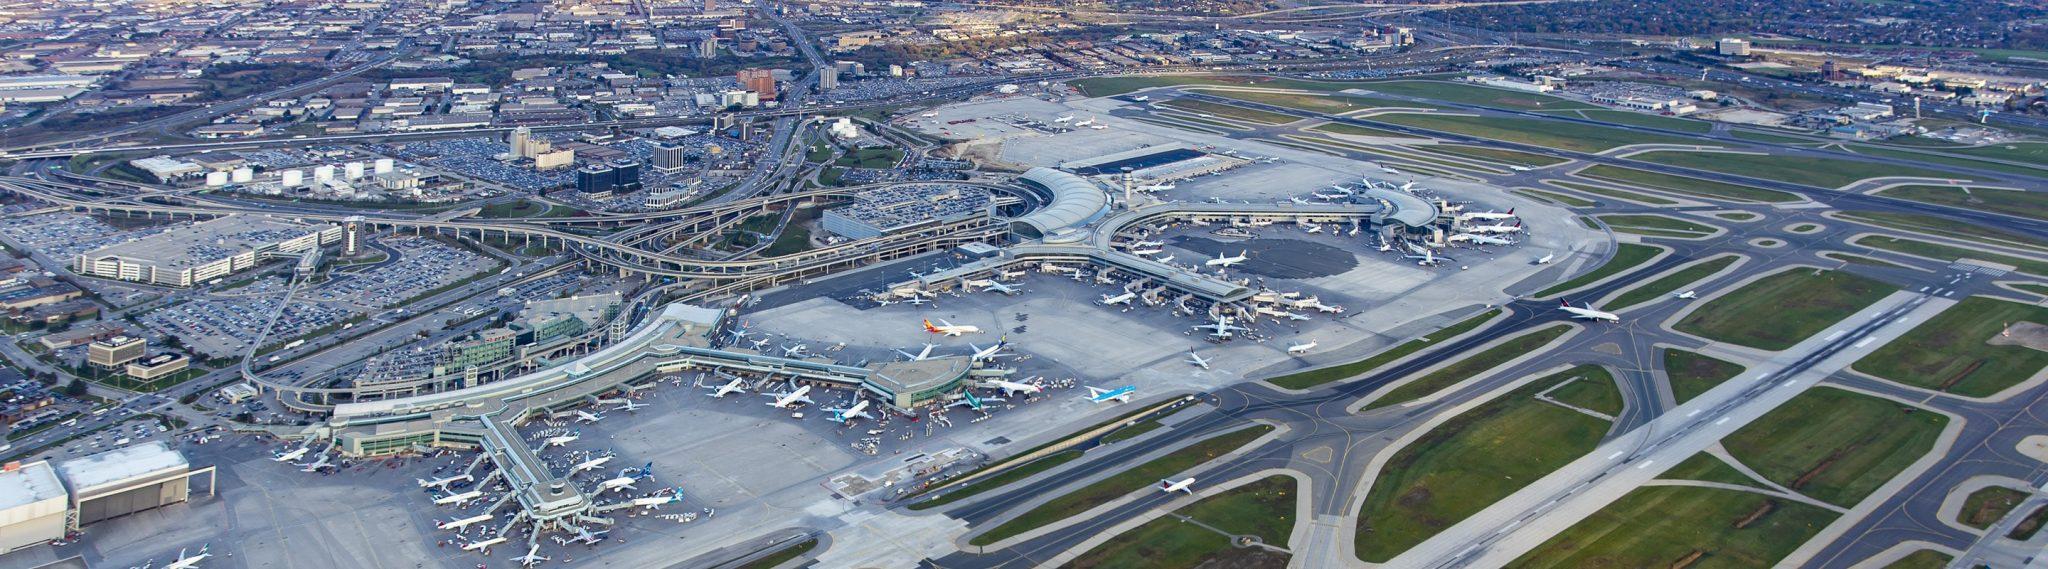 ONU y Toronto impulsan desarrollo social cerca de aeropuerto